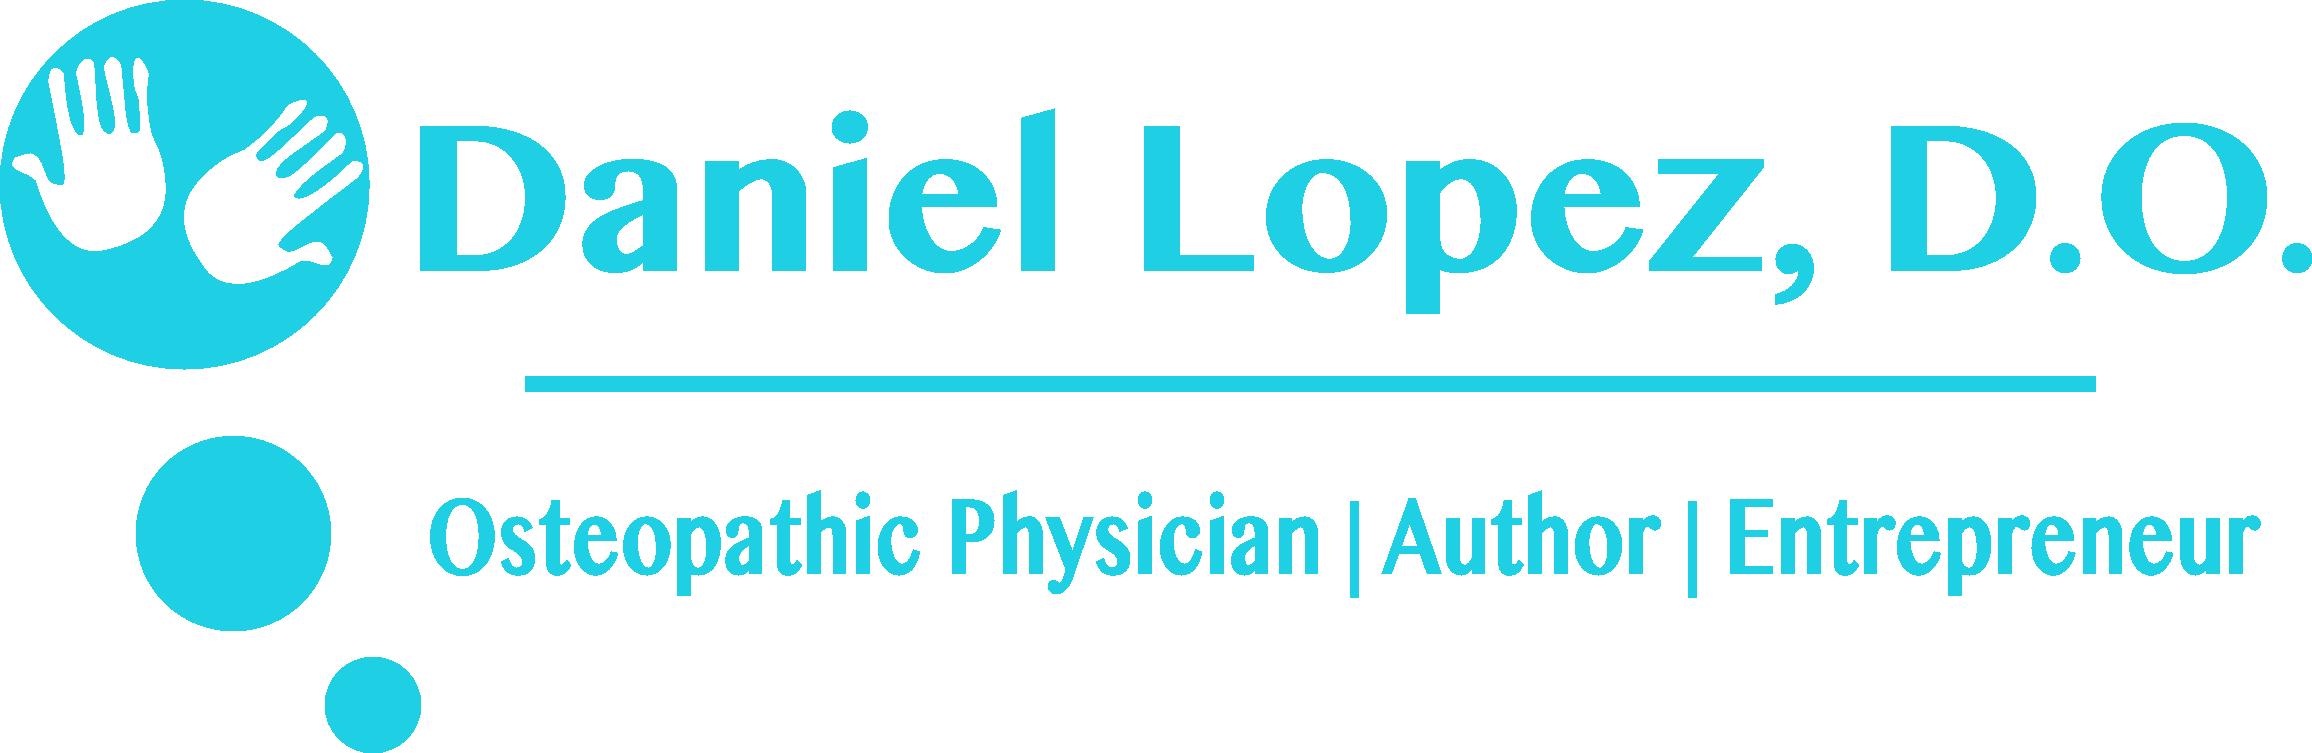 Daniel Lopez, D.O.